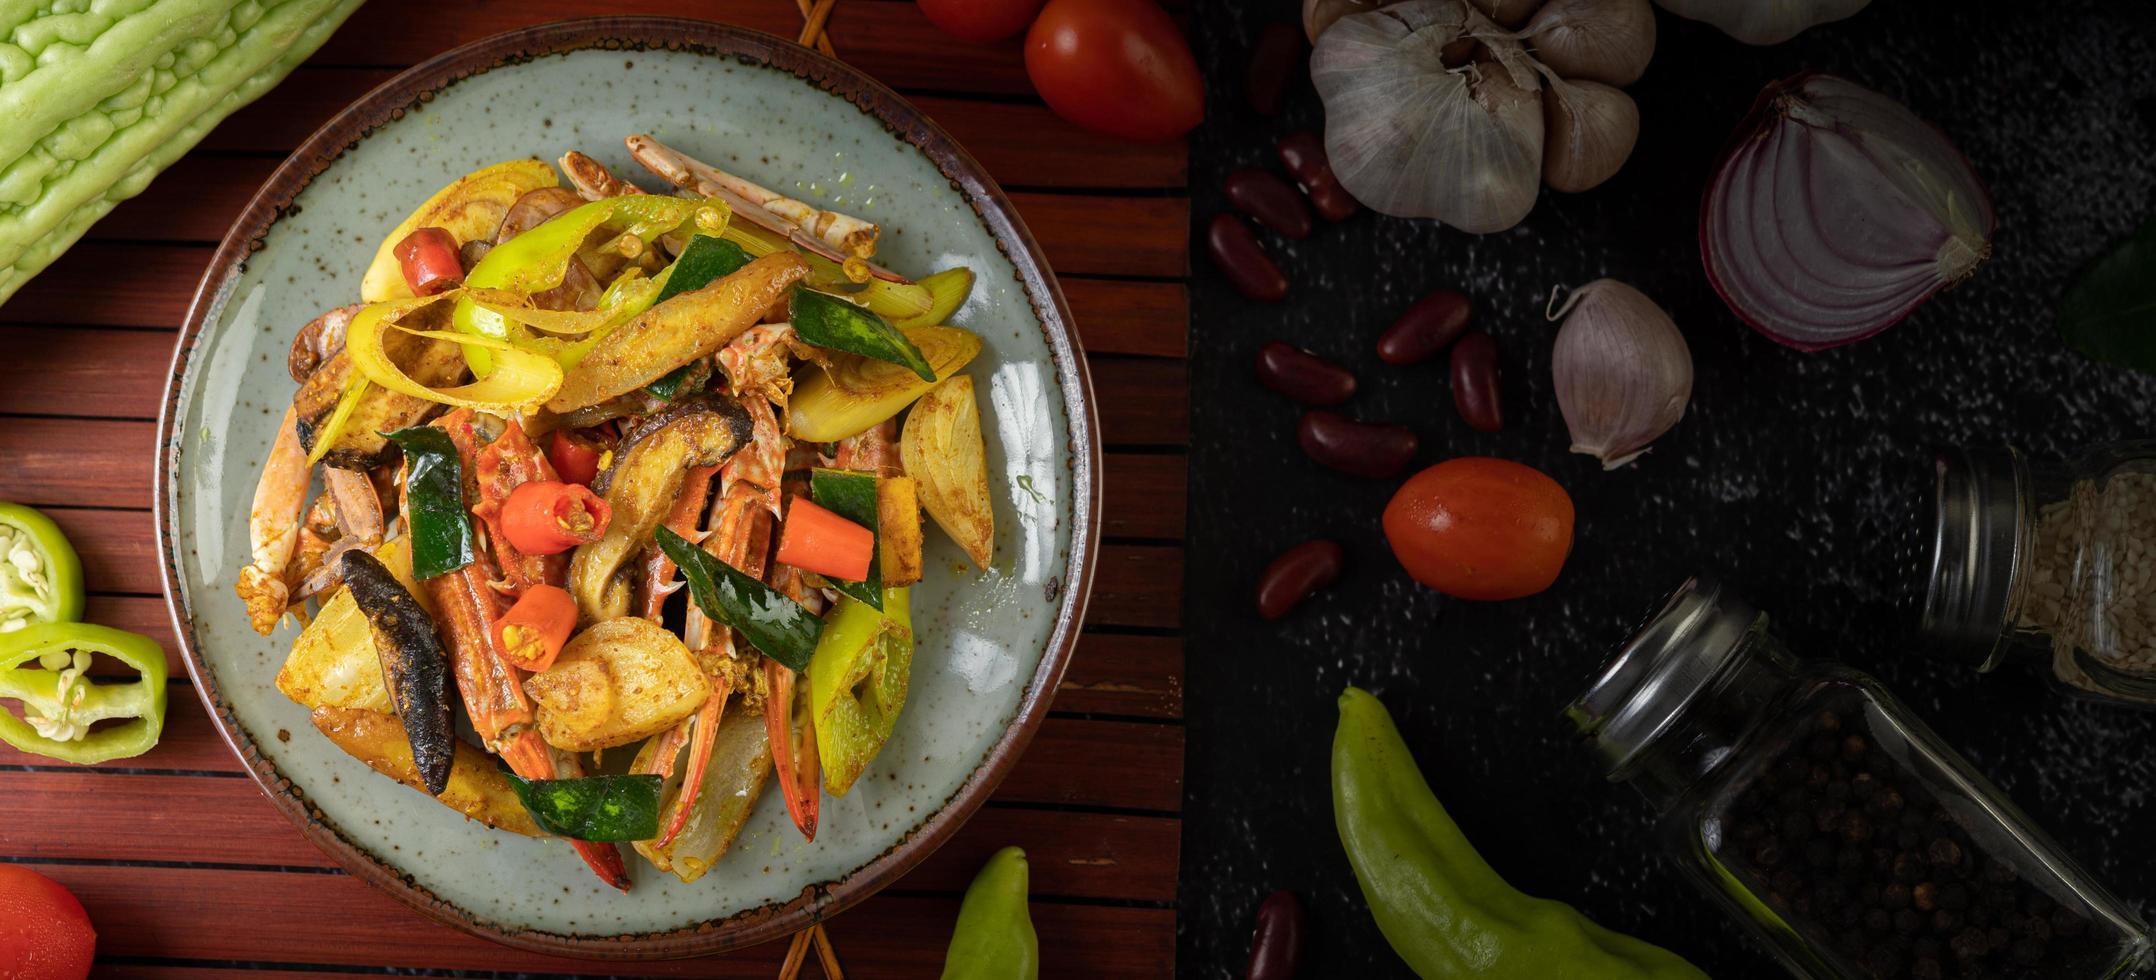 granchio saltato in padella con curry foto